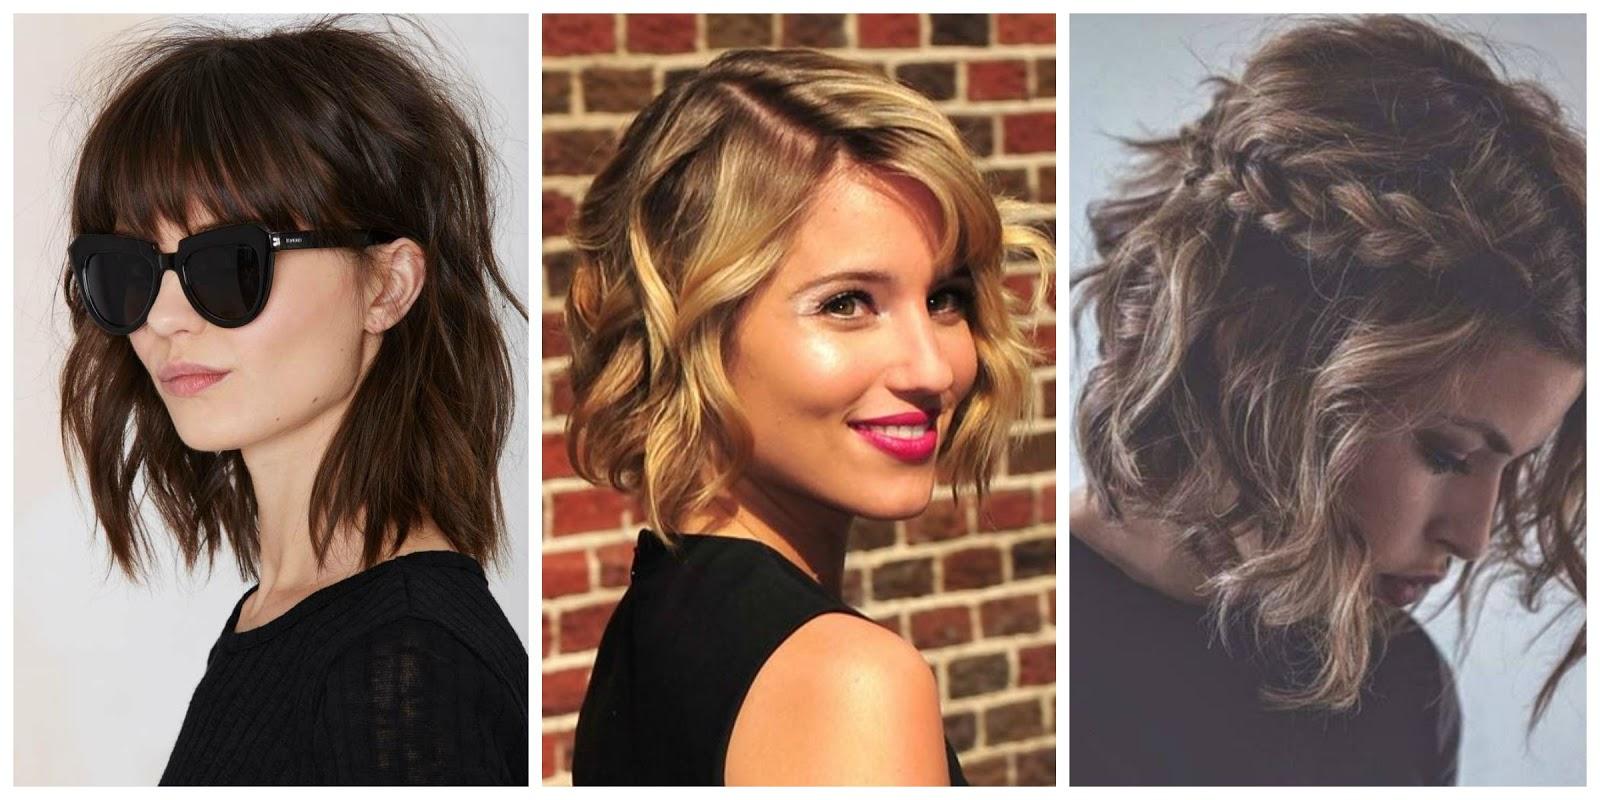 Sukuosenos trumpiems plaukams 2016